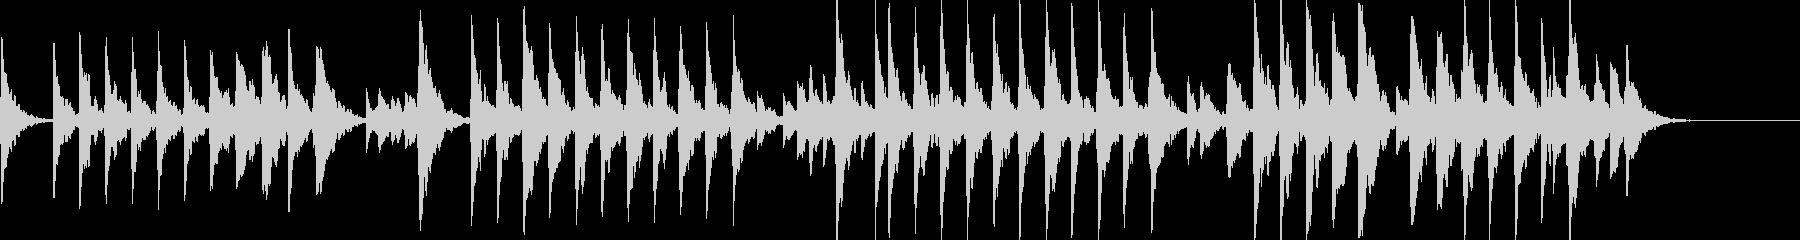 童謡「夕焼け小焼け」オルゴールbpm76の未再生の波形